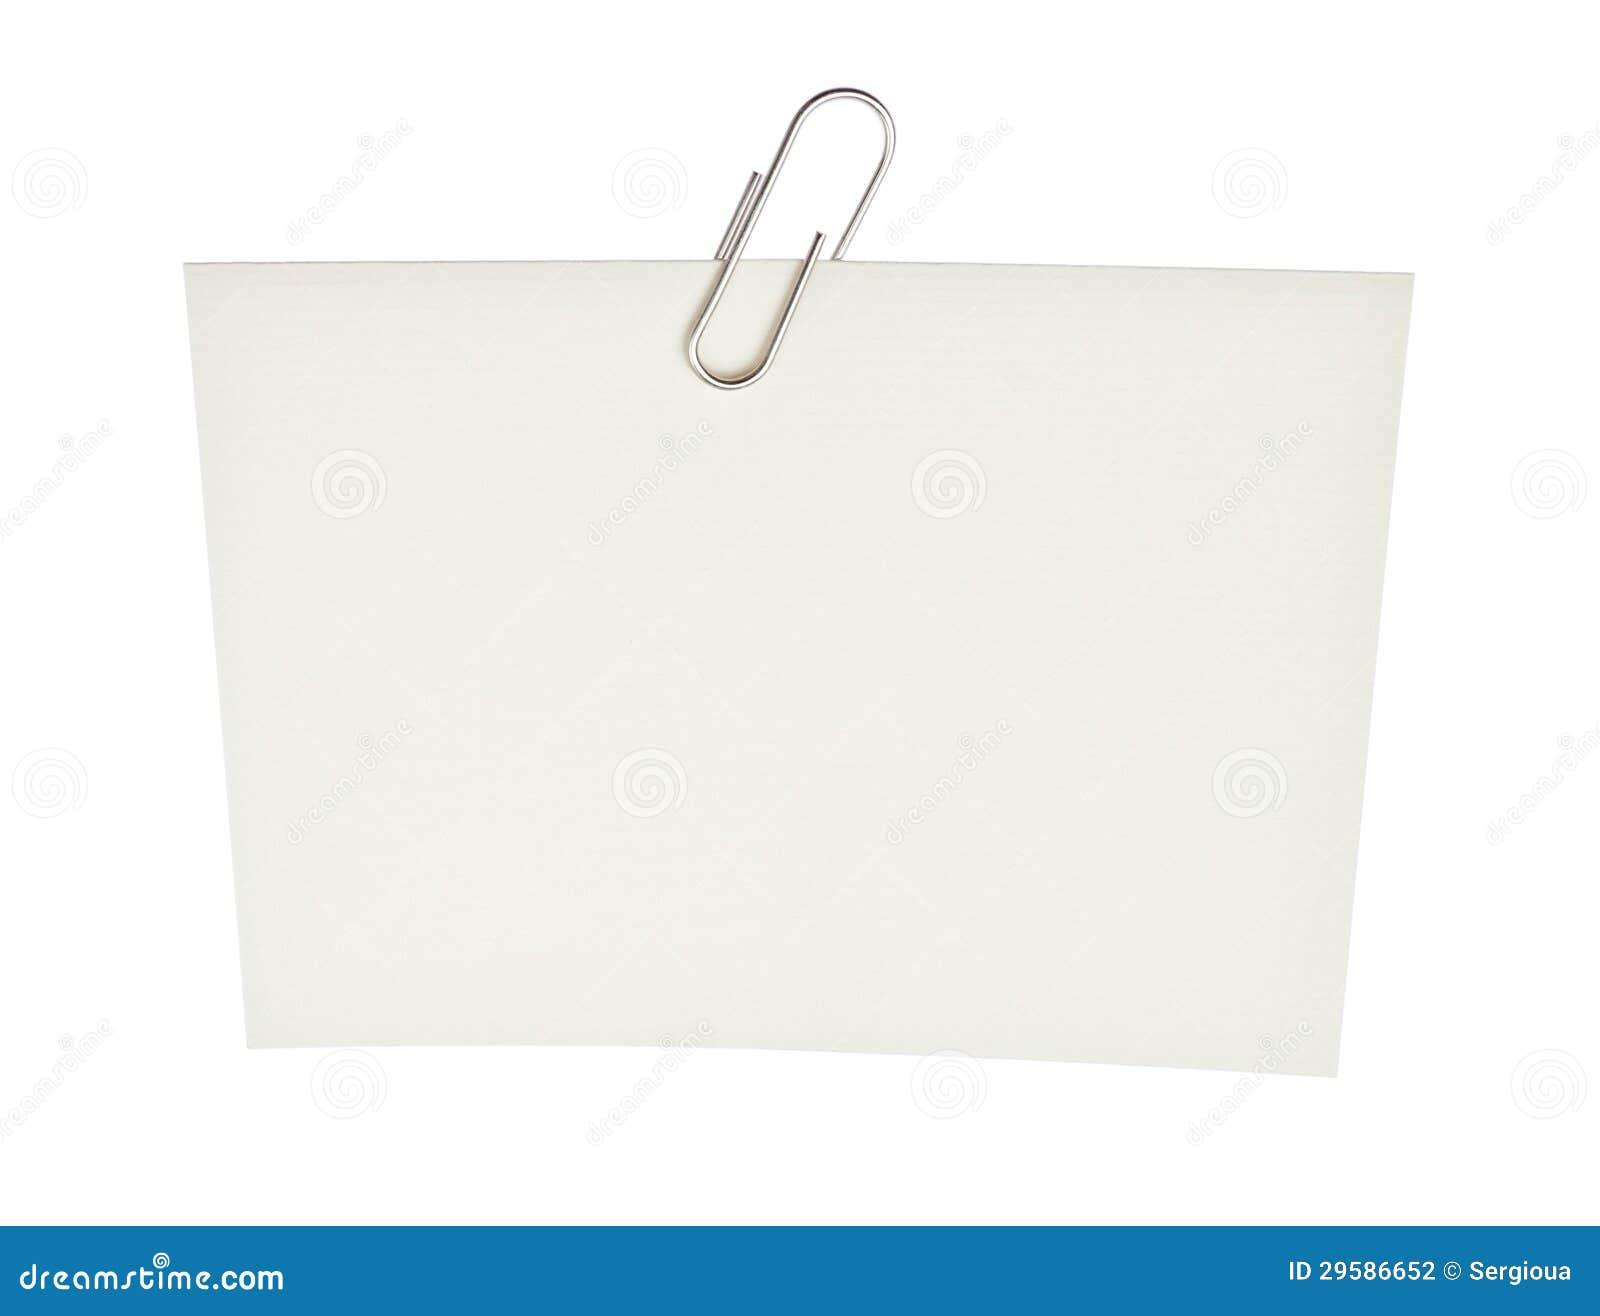 trombone de bureau sur une partie de papier photographie stock image 29586652. Black Bedroom Furniture Sets. Home Design Ideas